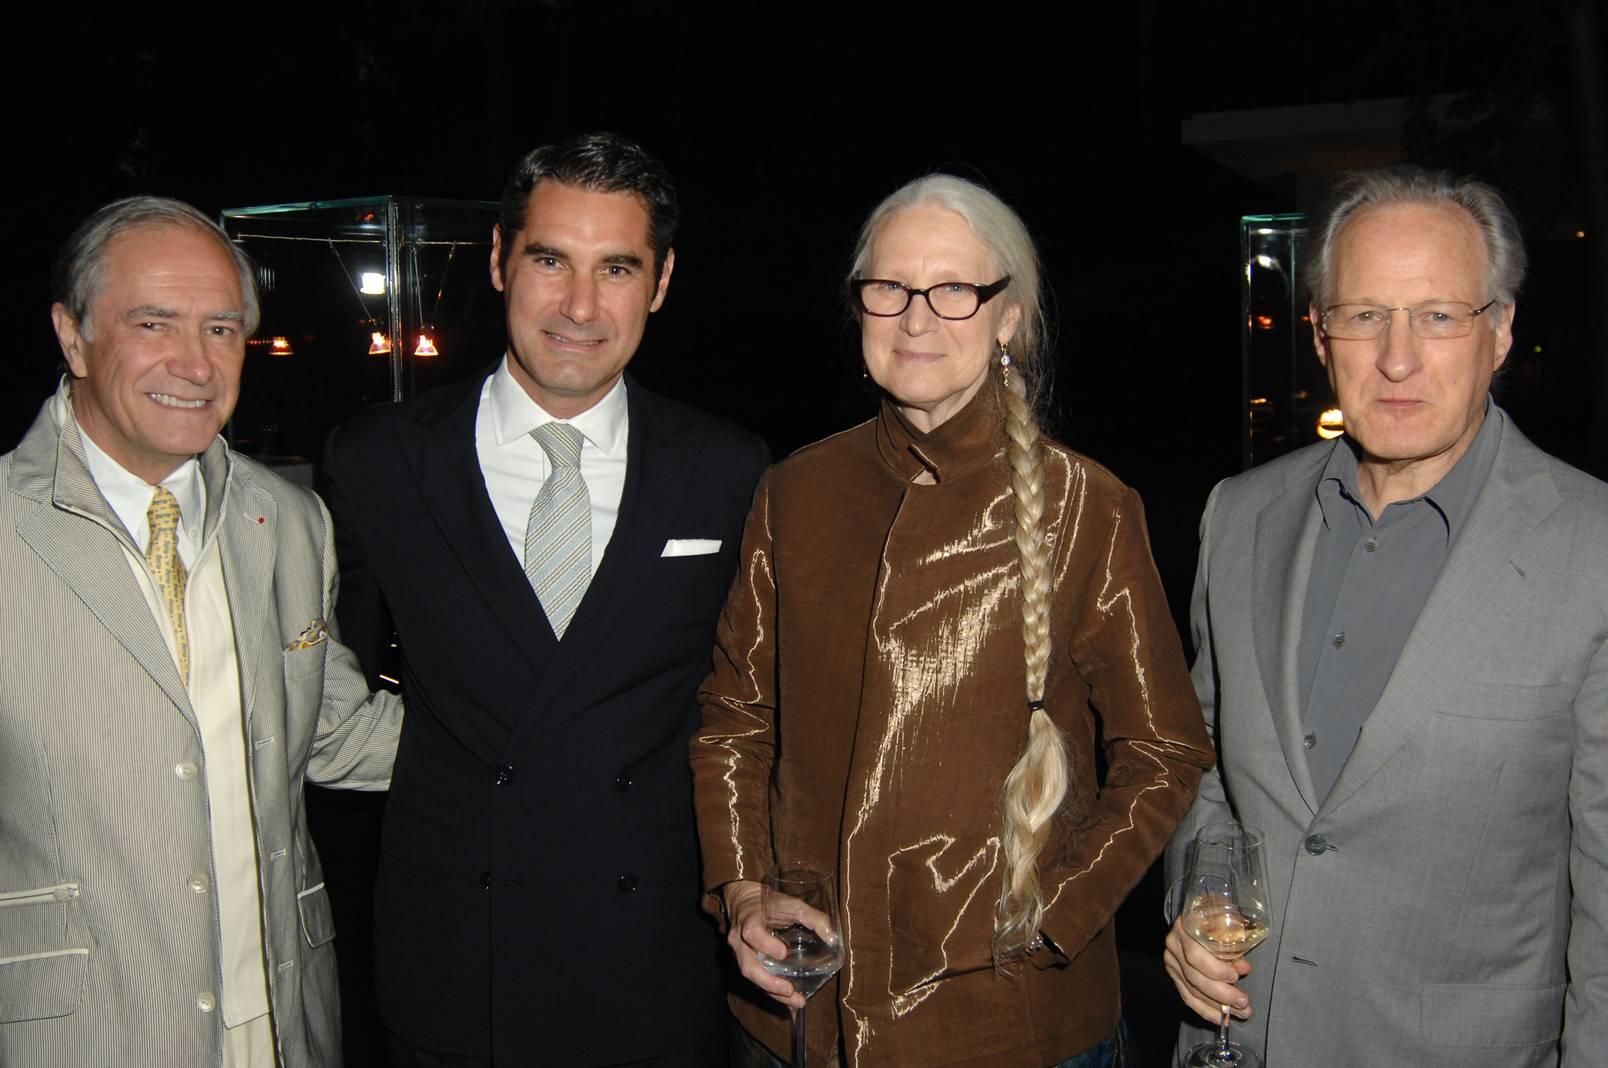 Christopher Kip Forbes, Hugues de Pins, Summer and Michael Mann